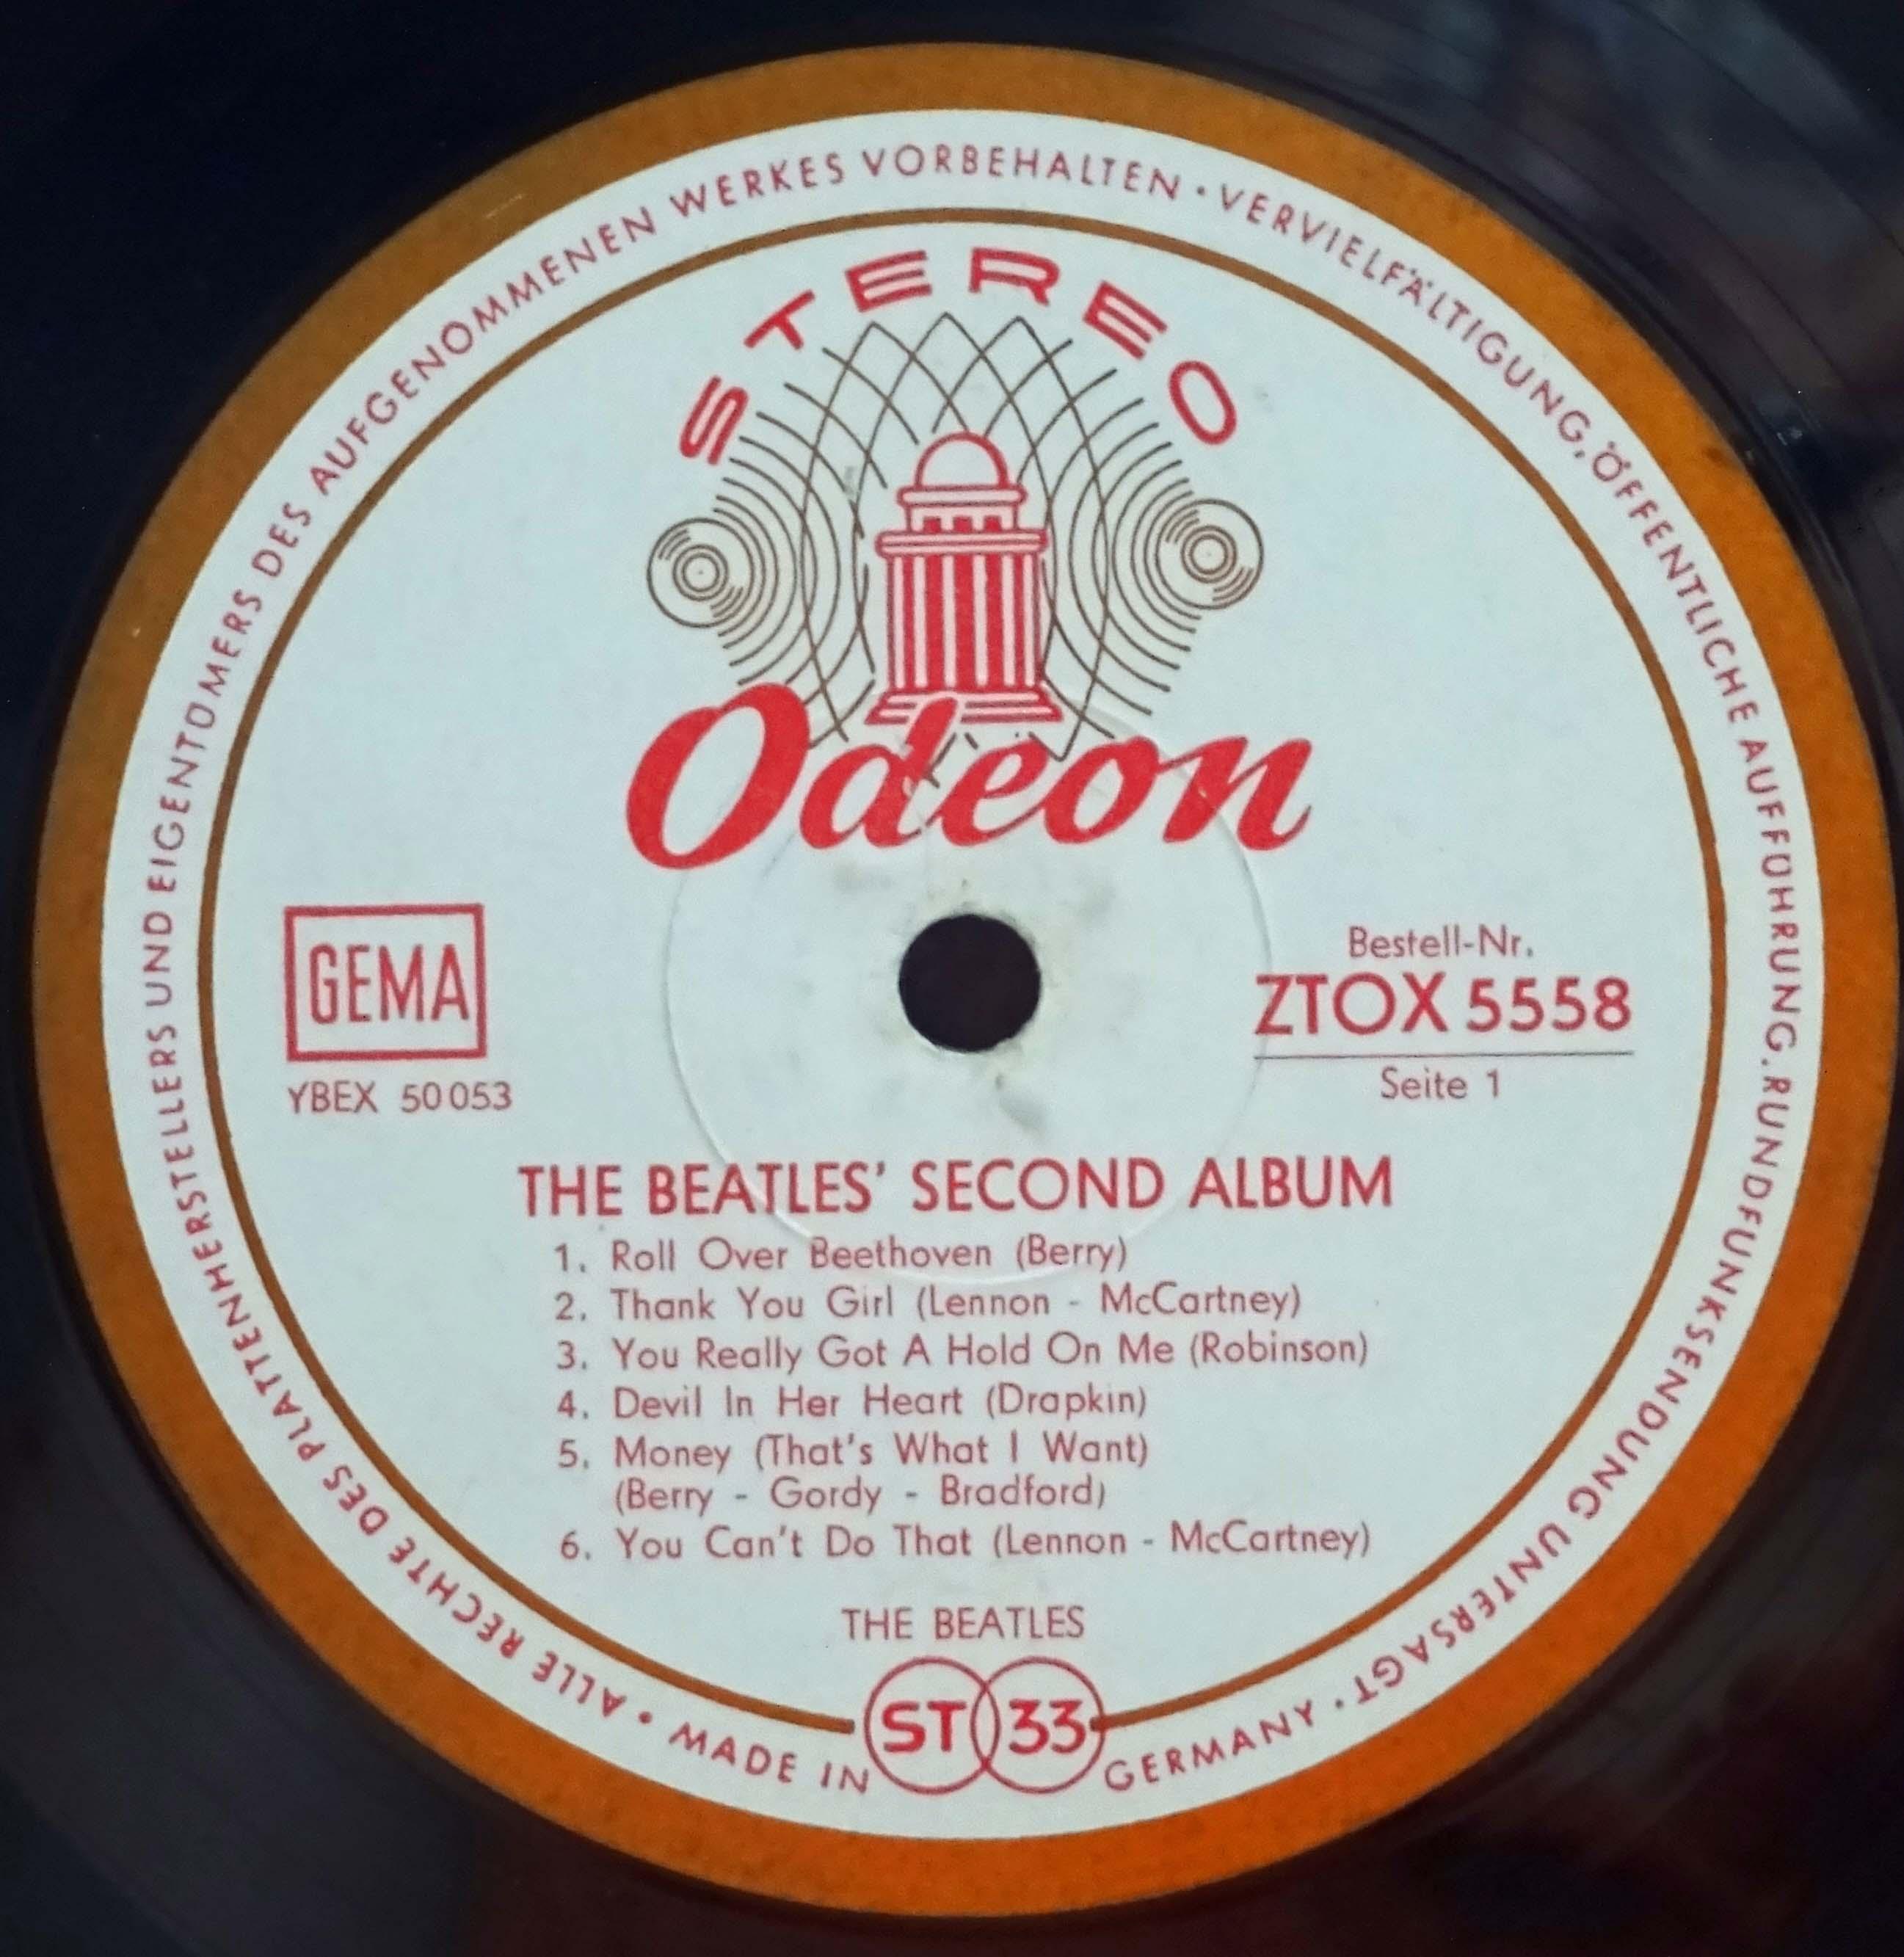 ztox 5558 label